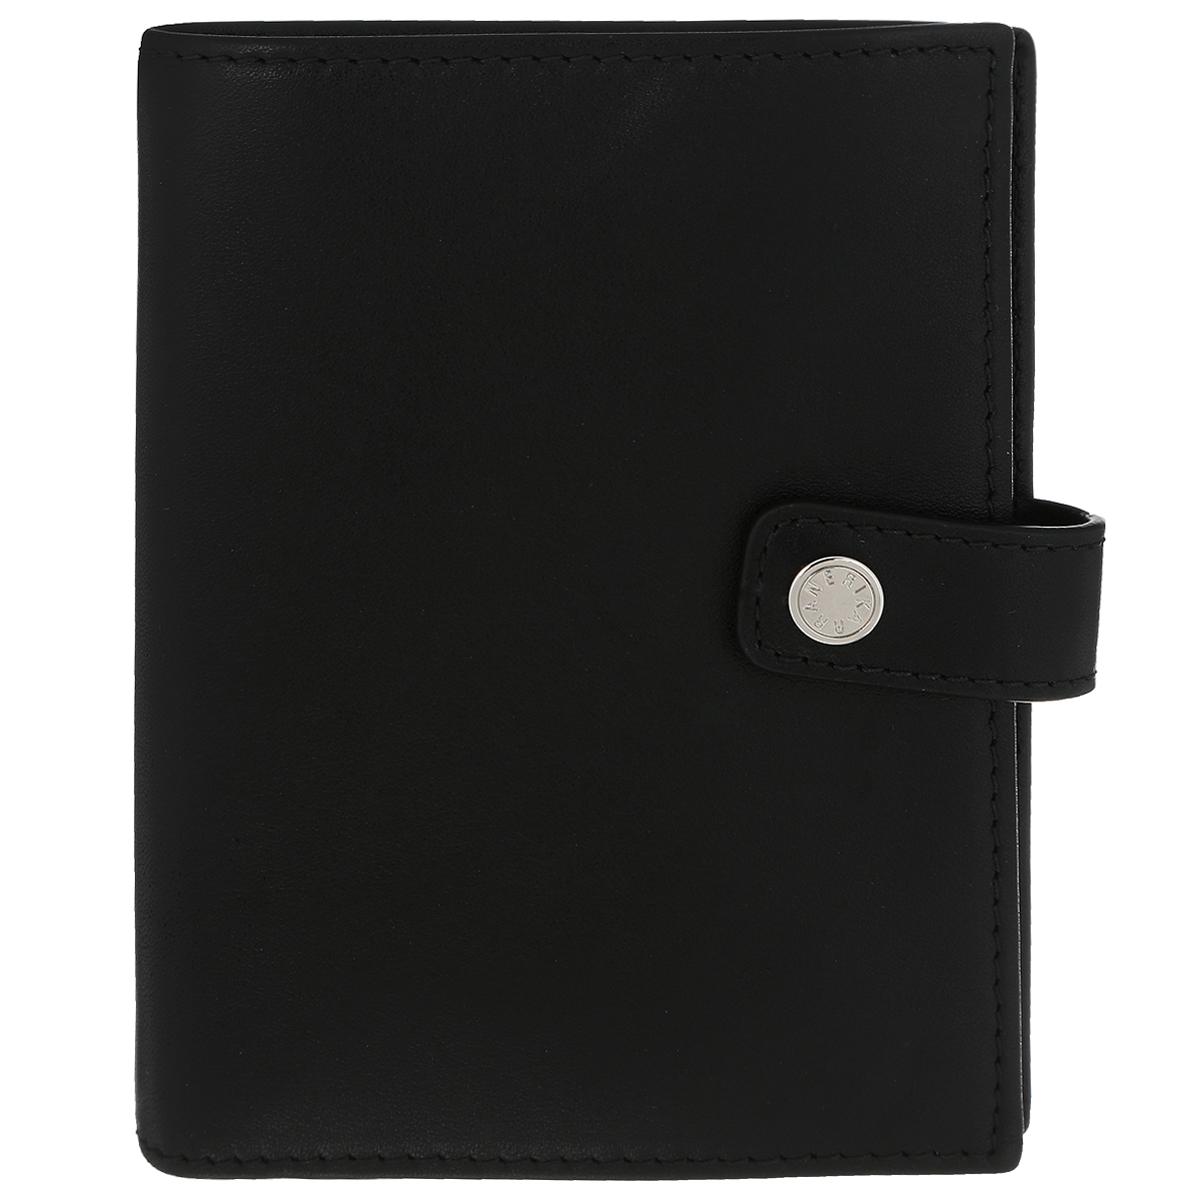 Портмоне мужское Neri Karra, цвет: черный. 0378 3-01.01NINT-06501Мужское портмоне Neri Karra выполнено из натуральной высококачественной кожи с естественной лицевой поверхностью. Портмоне имеет два вместительных открытых отделения для купюр. Также внутри расположены 7 открытых горизонтальных прорезных кармашка для визиток и банковских карт, кармашек для SIM-карты, вертикальный карман для банковской карты, 2 открытых кармана с полупрозрачным окном-сеточкой и открытый потайной карман. Портмоне дополнено внутренним отделением для монет на застежке-молнии. Портмоне закрывается на хлястик с кнопкой. Фурнитура оформлена под серебро.Портмоне - это удобный и стильный аксессуар, необходимый каждому активному человеку для хранения денежных купюр, монет, визитных и пластиковых карт, а также небольших документов. Надежное портмоне Neri Karra сочетает в себе классический дизайн и функциональность, и не только практично в использовании, но и станет отличным дополнением к любому стилю, и позволит вам подчеркнуть свою индивидуальность.Портмоне упаковано в подарочную коробку с логотипом производителя.